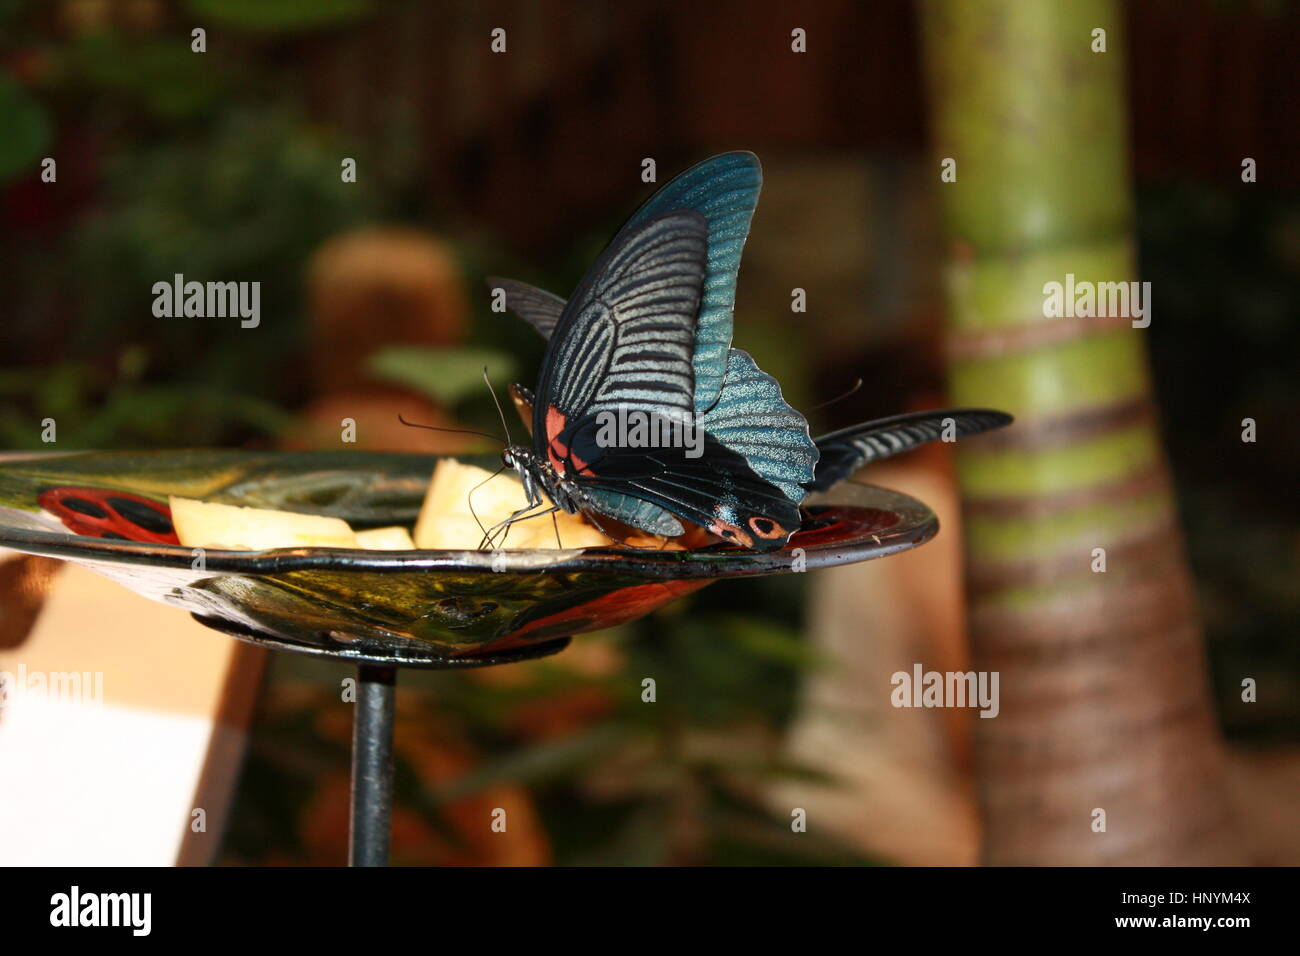 Stupenda farfalla Immagini Stock